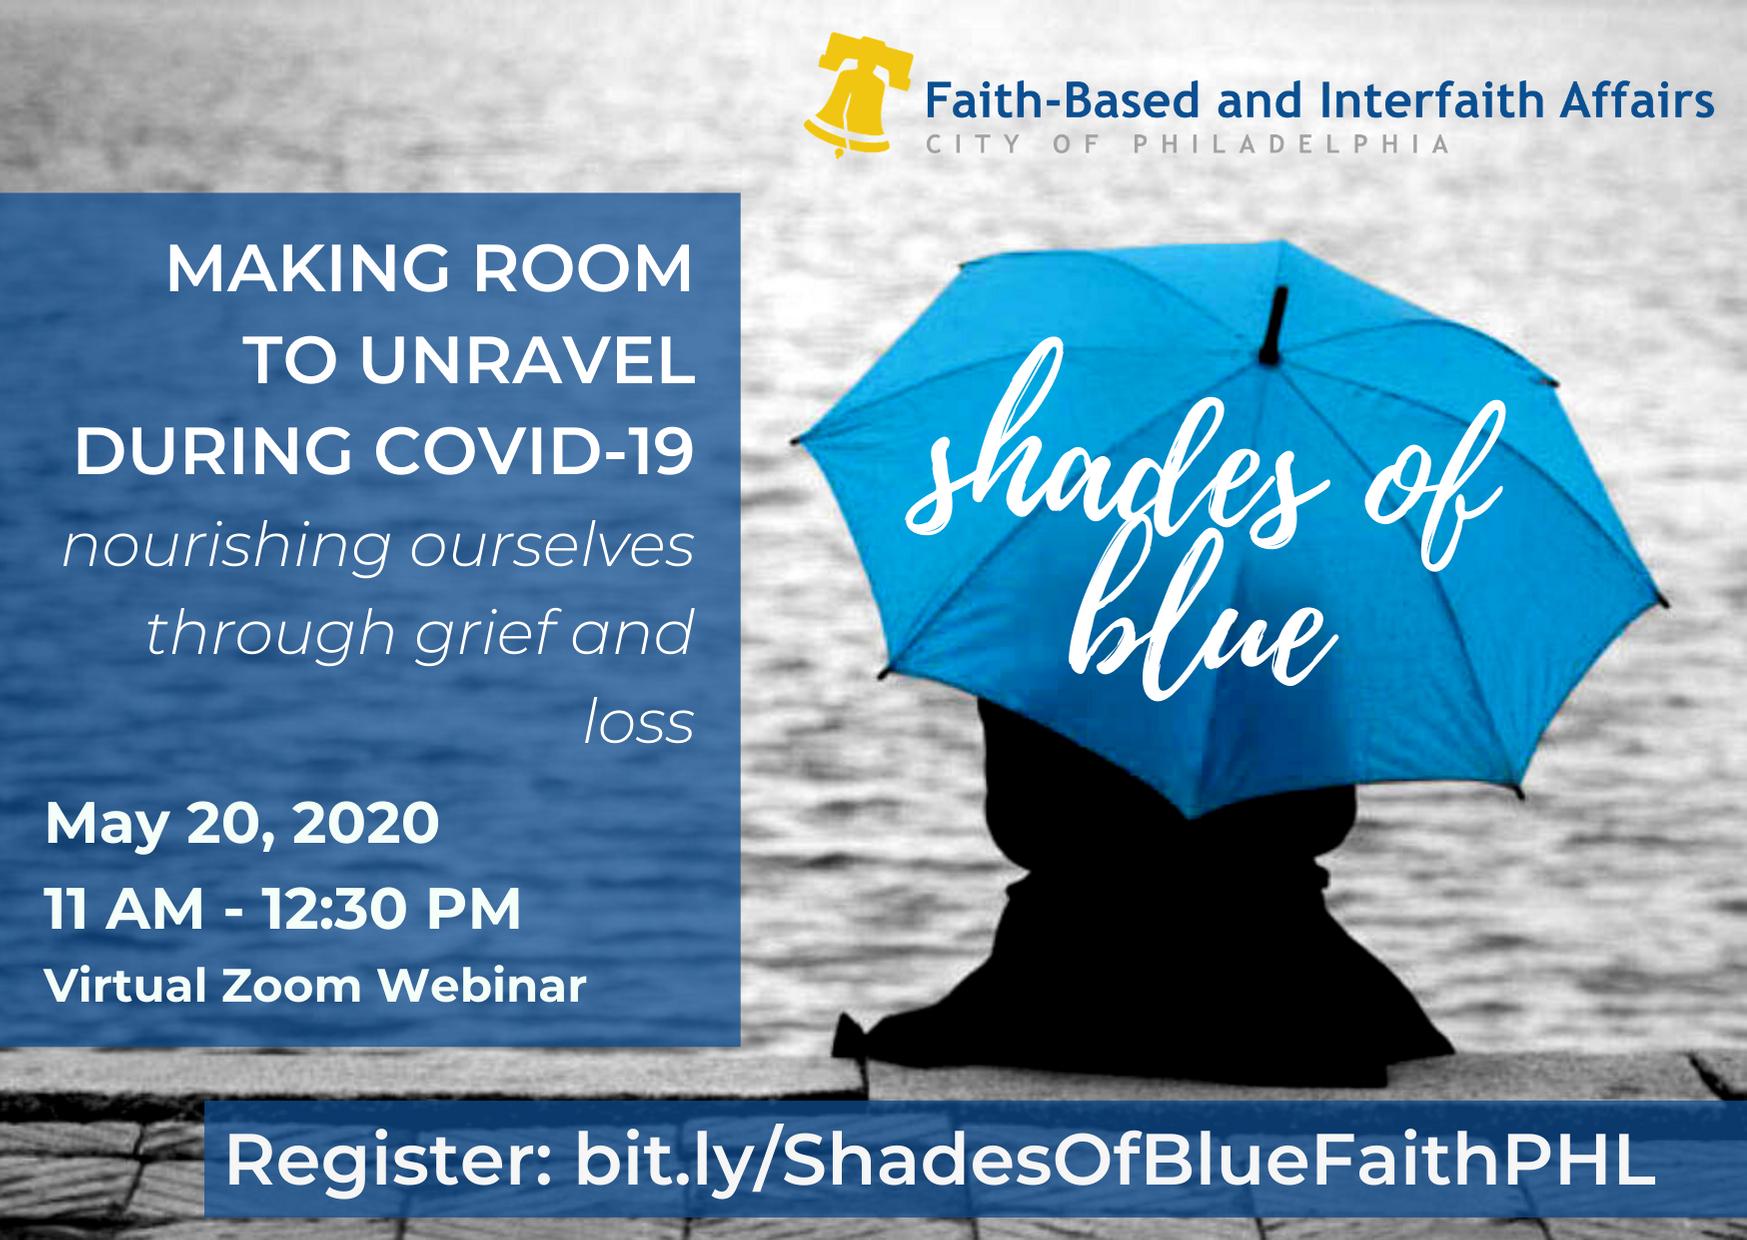 DBHIDS to Speak on Shades of Blue Panel